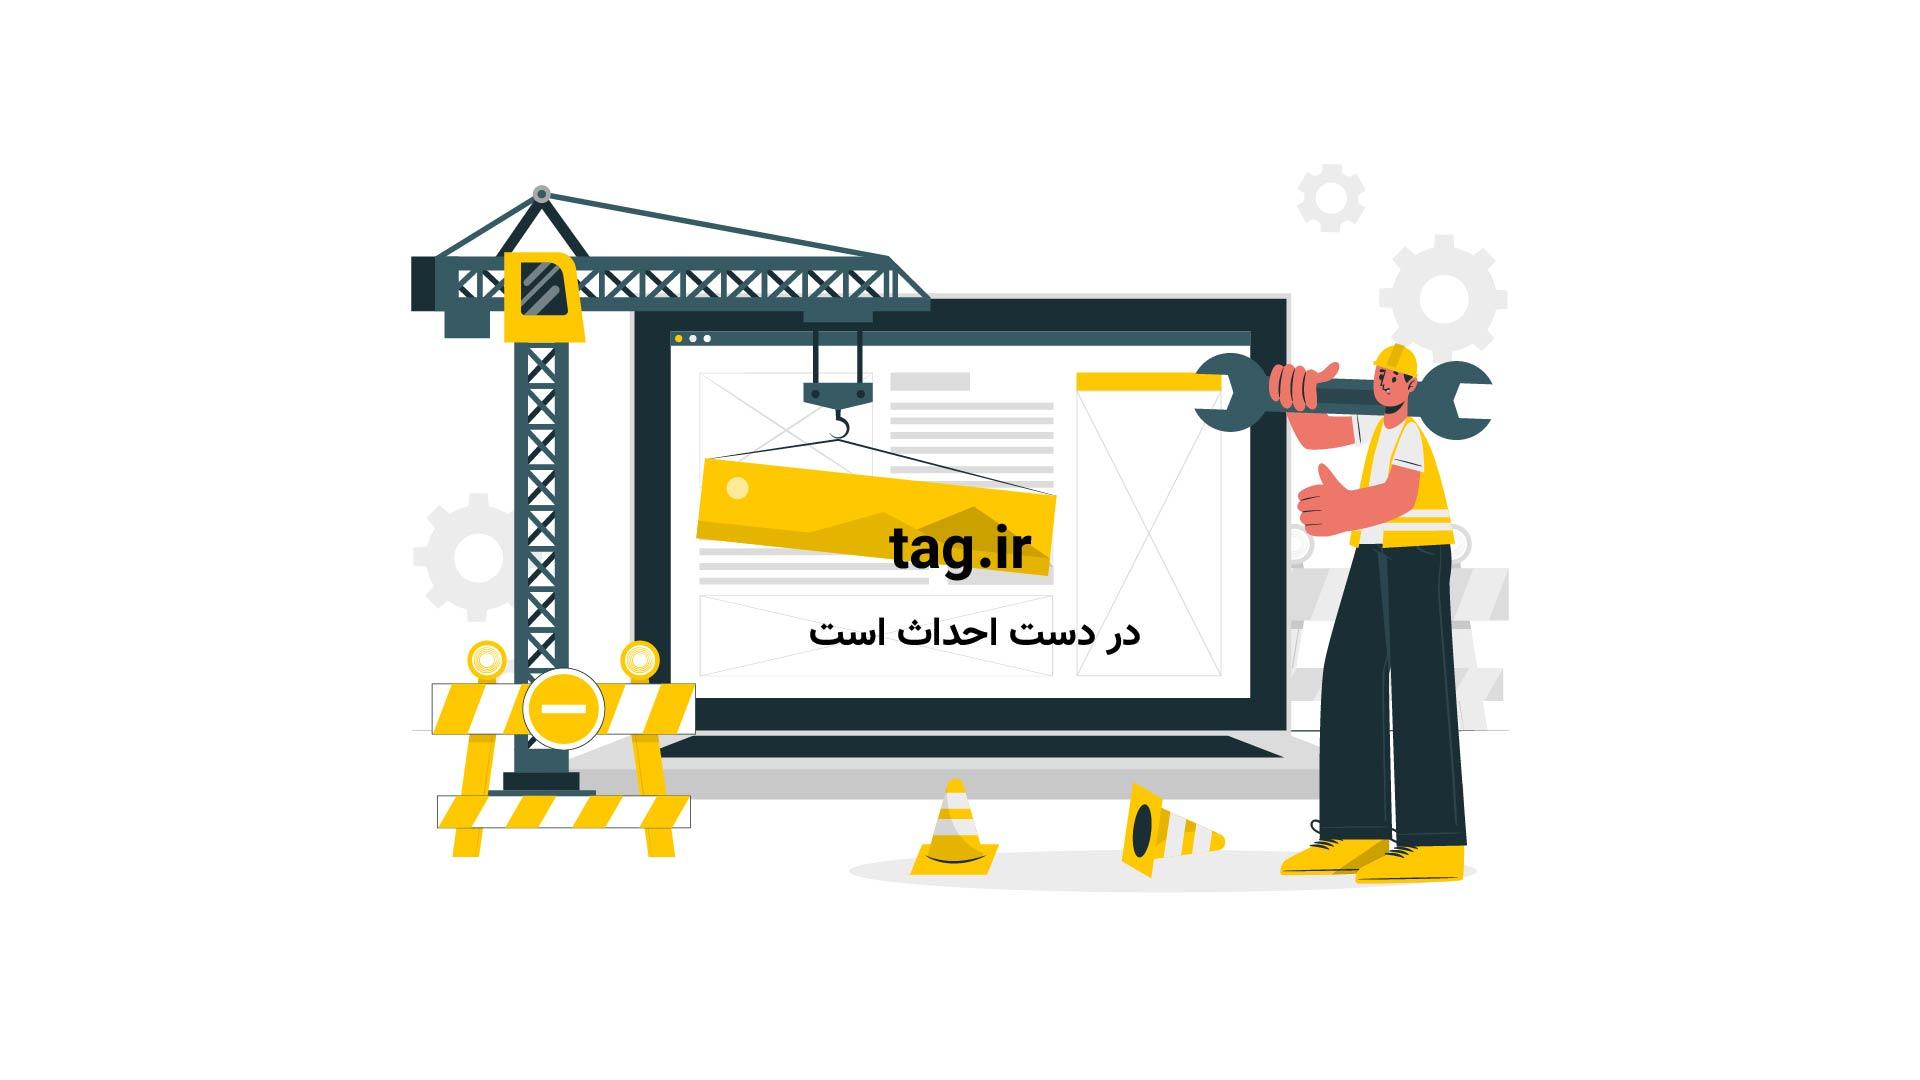 ۱۰ ماده غذایی برای تغییر رنگ چشمتان! | فیلم